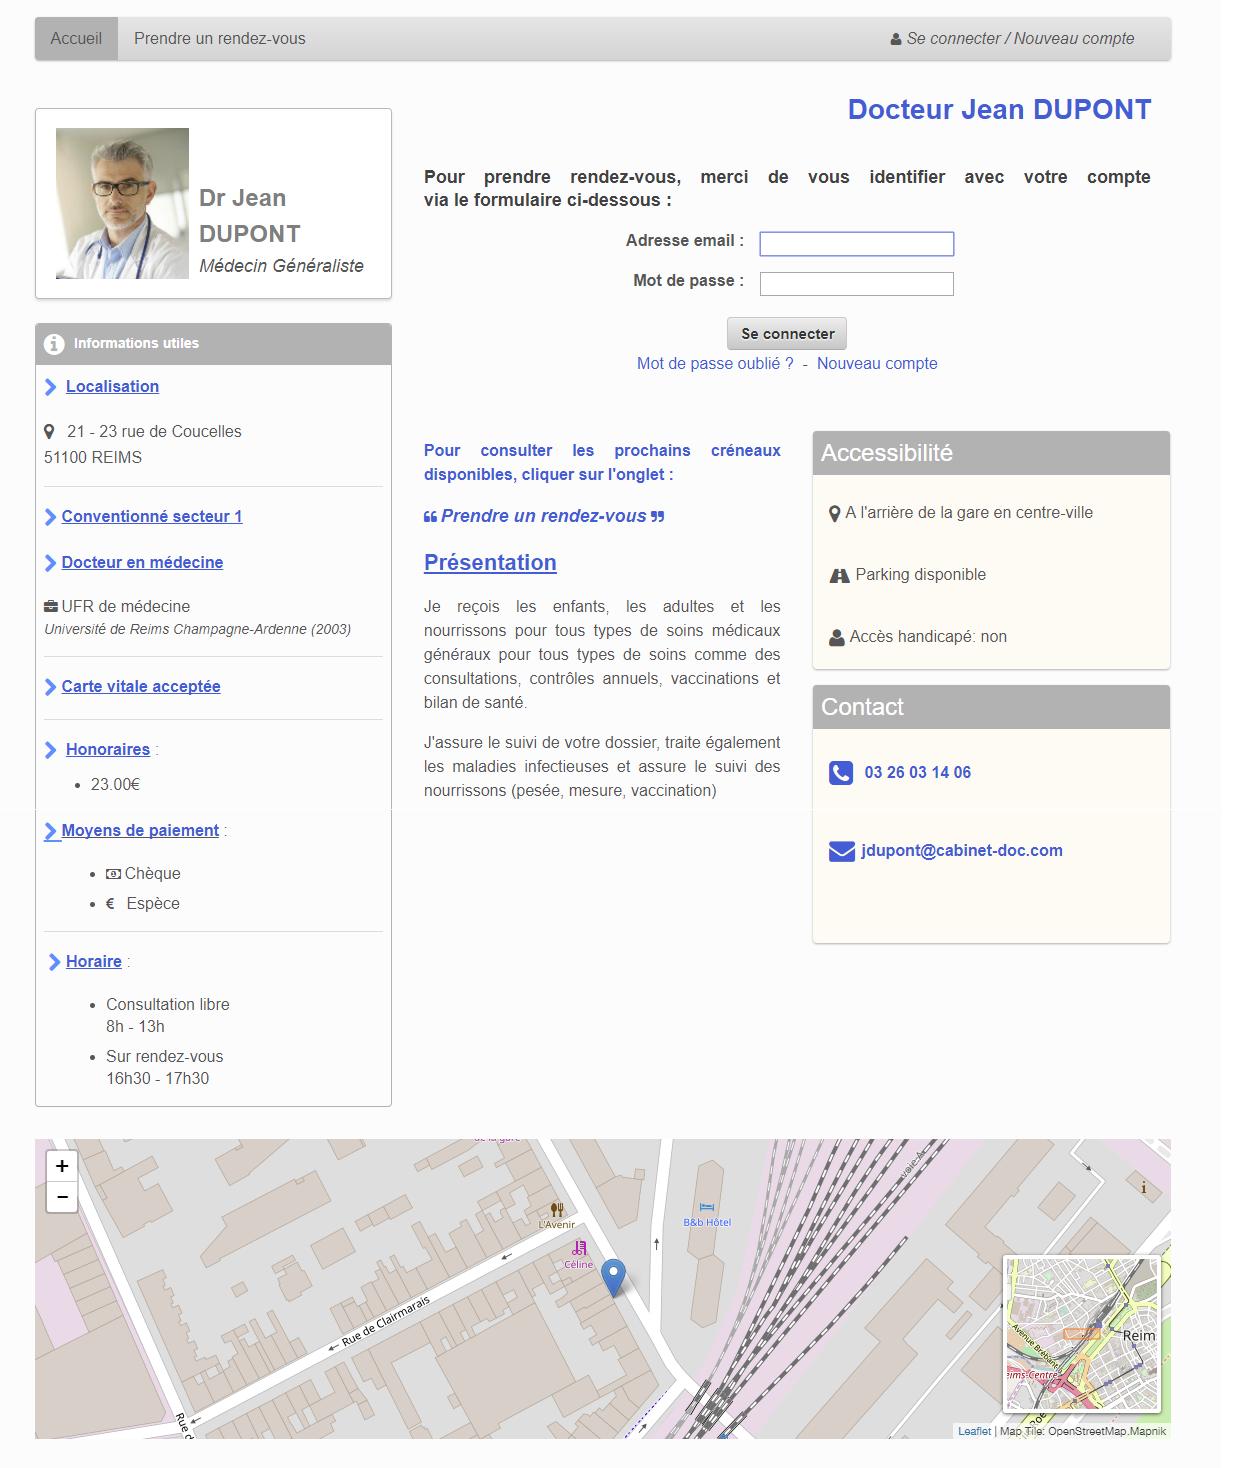 Exemple de page d'accueil de prise de rendez-vous par Internet